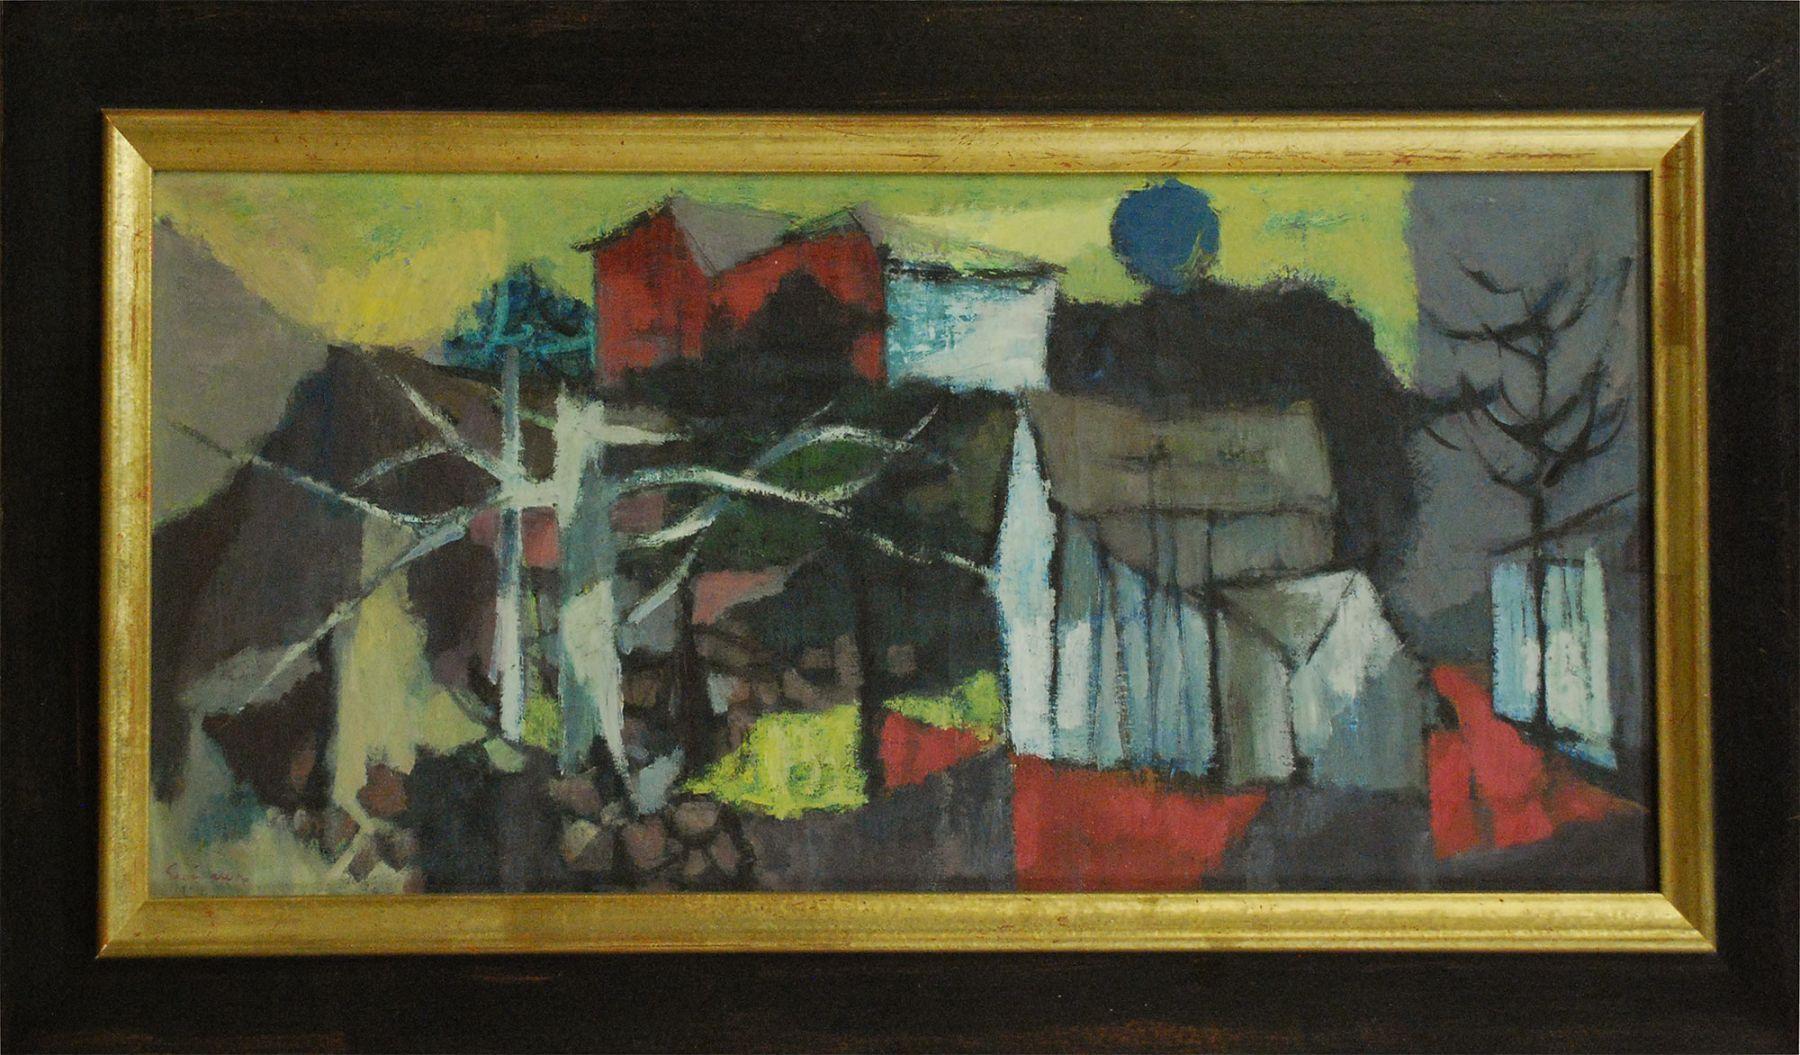 SUEO SERISAWA (1910-2004), Spring in Woodstock, 1950